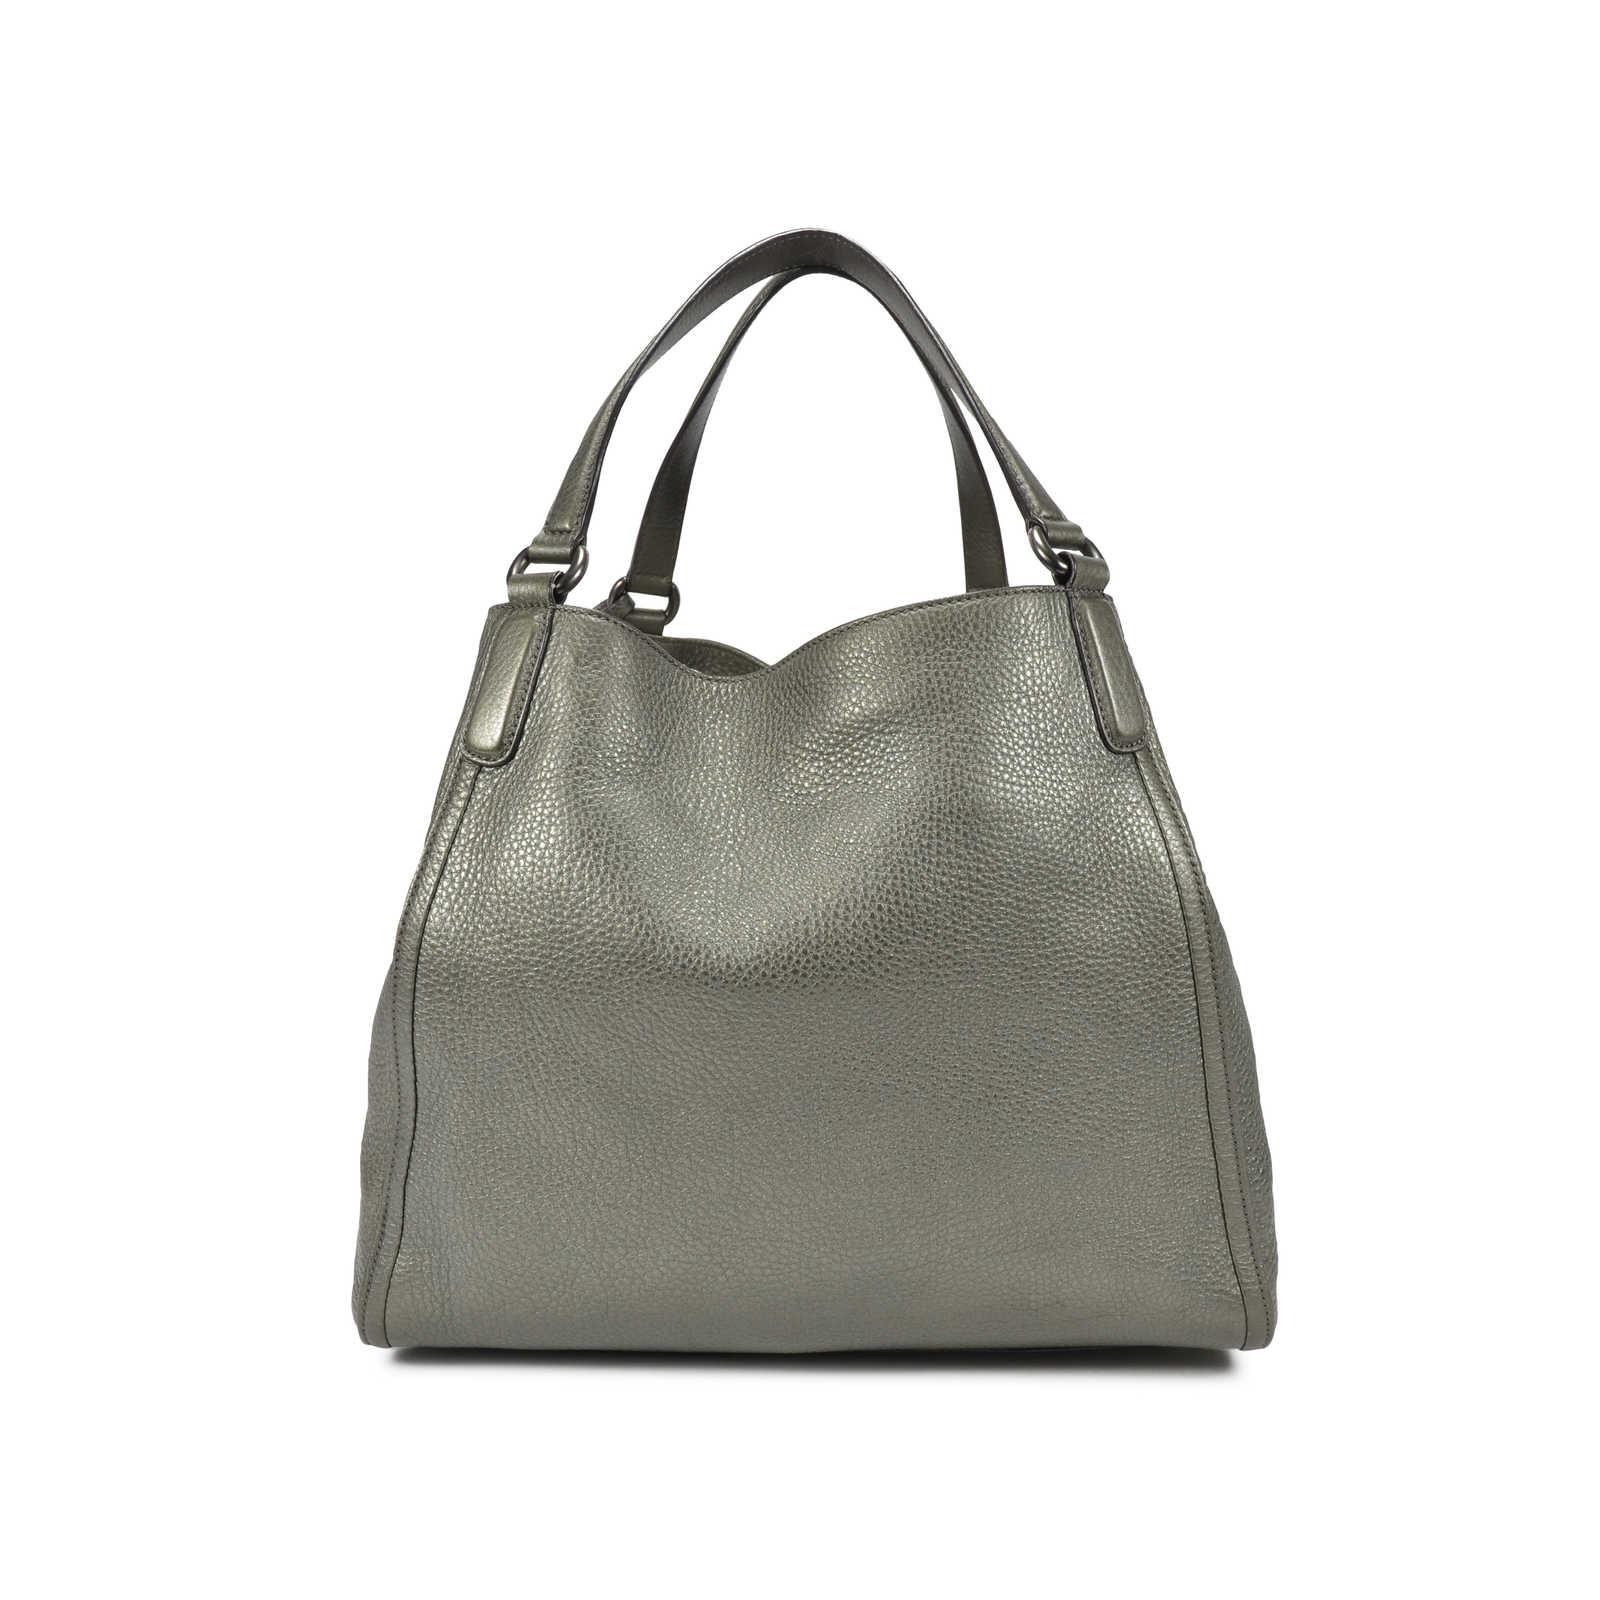 f6d75757c4b ... Authentic Second Hand Gucci Medium Soho Shoulder Bag (PSS-021-00011) ...